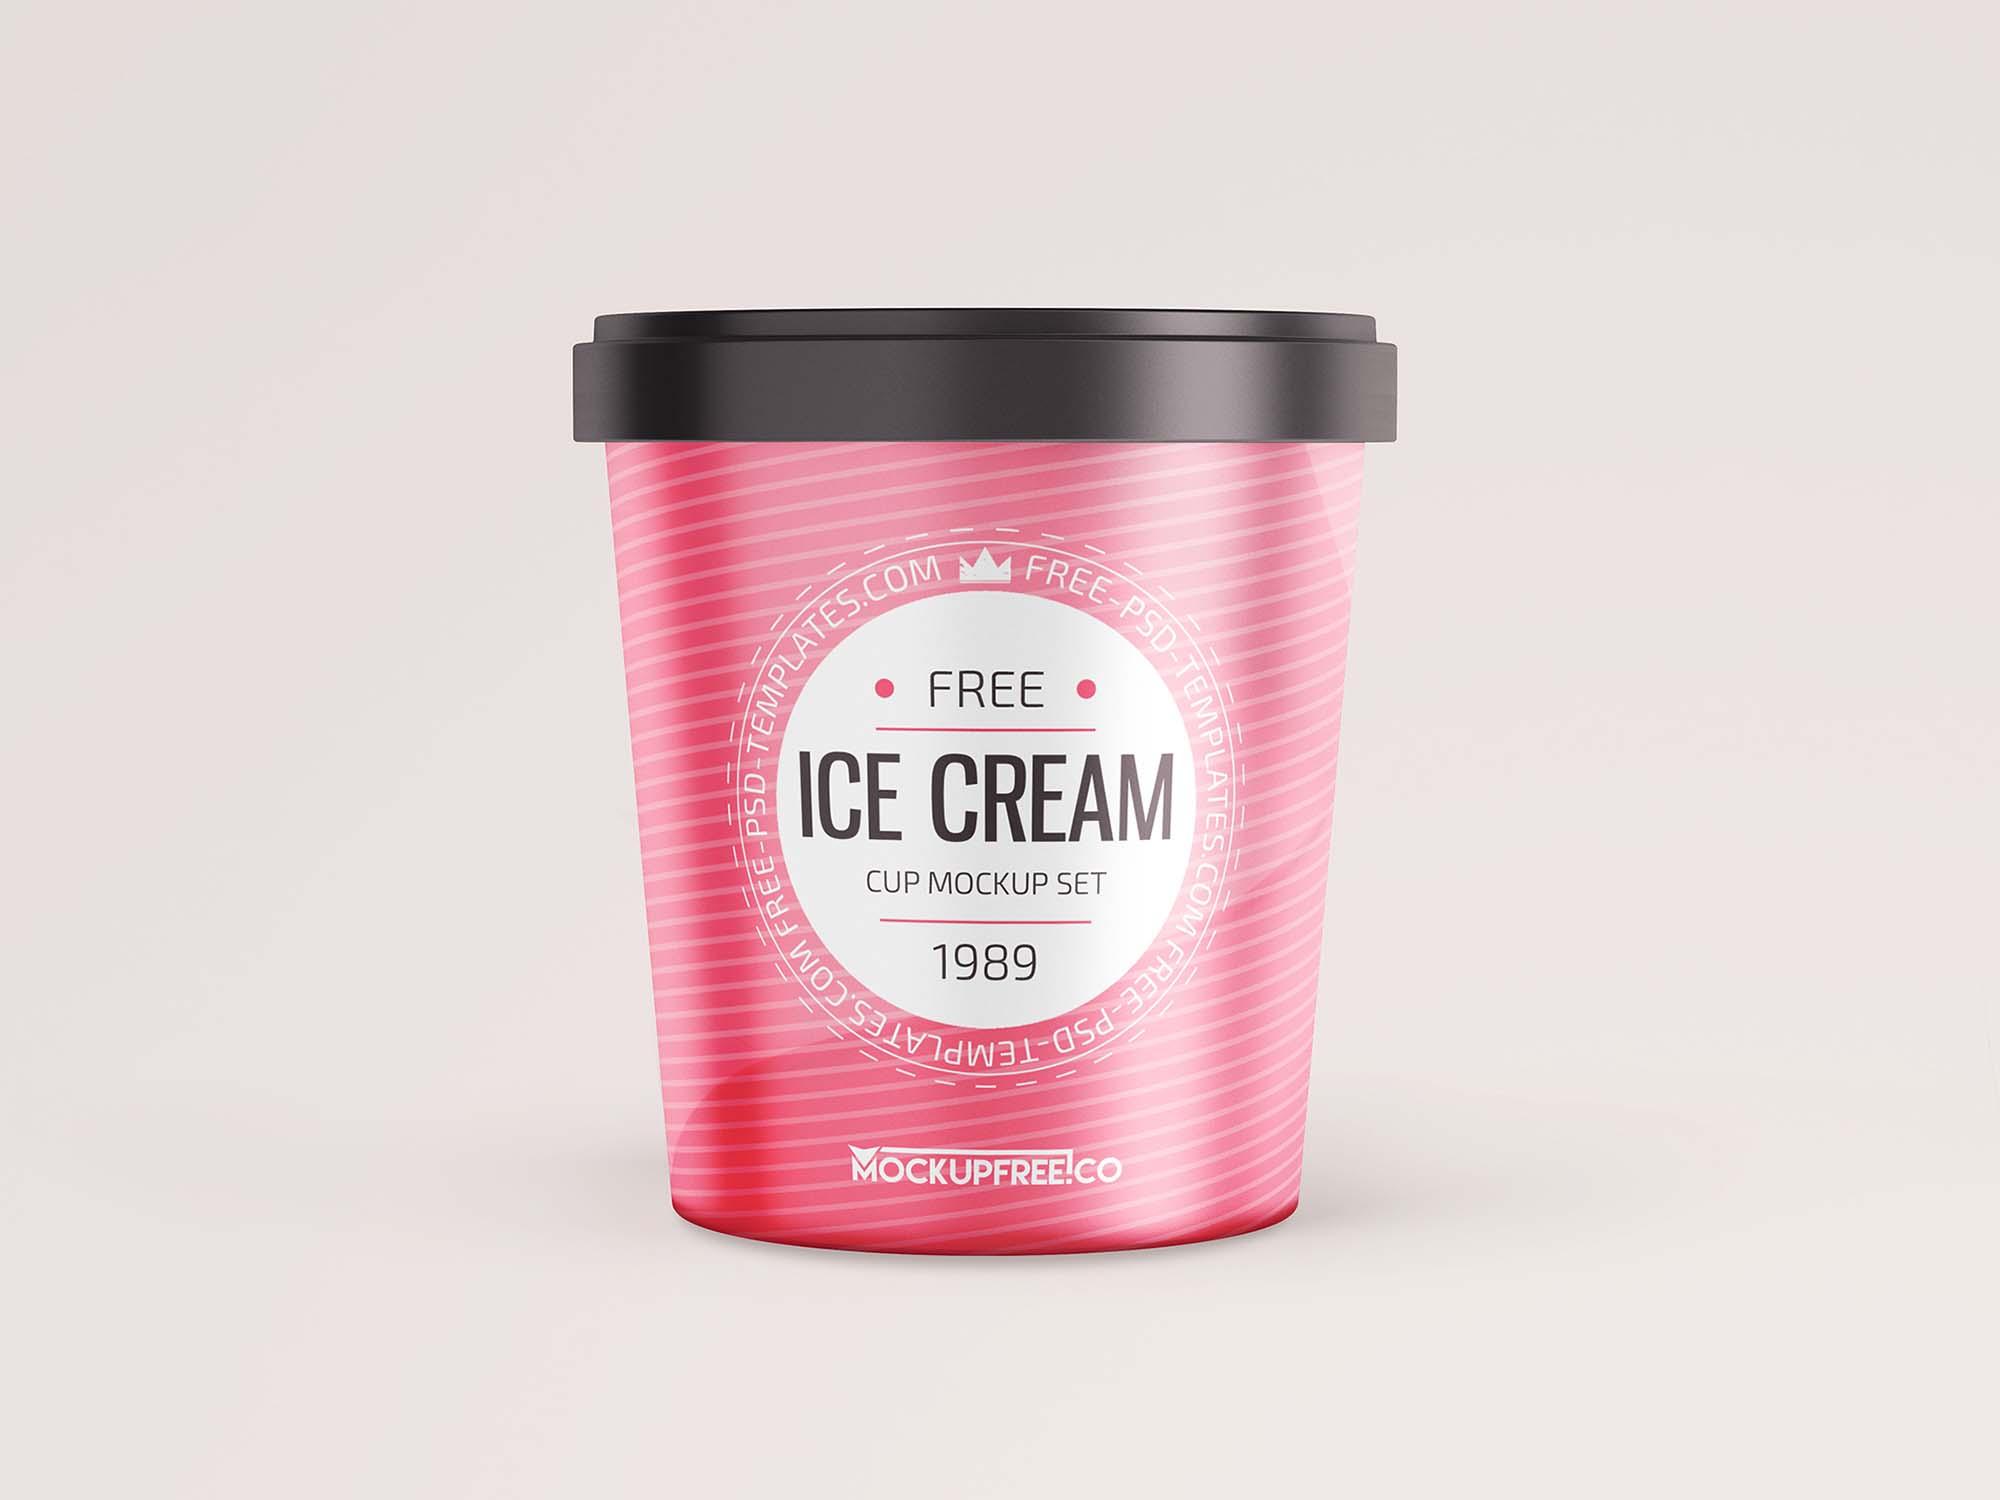 Ice Cream Round Box Mockup 2